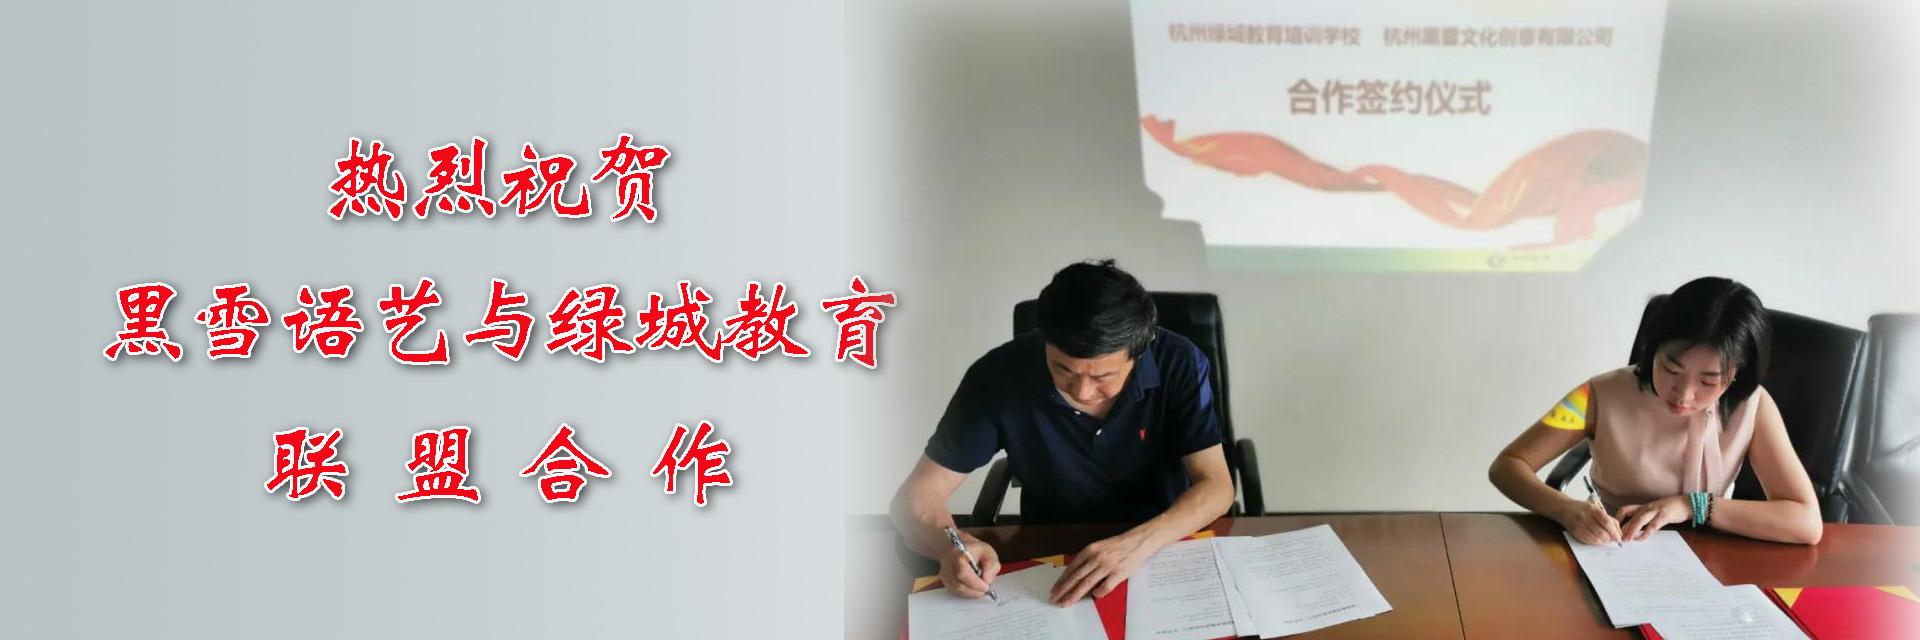 黑雪与绿城口才培训联盟合作|小主持培训加盟|杭州口才培训合作